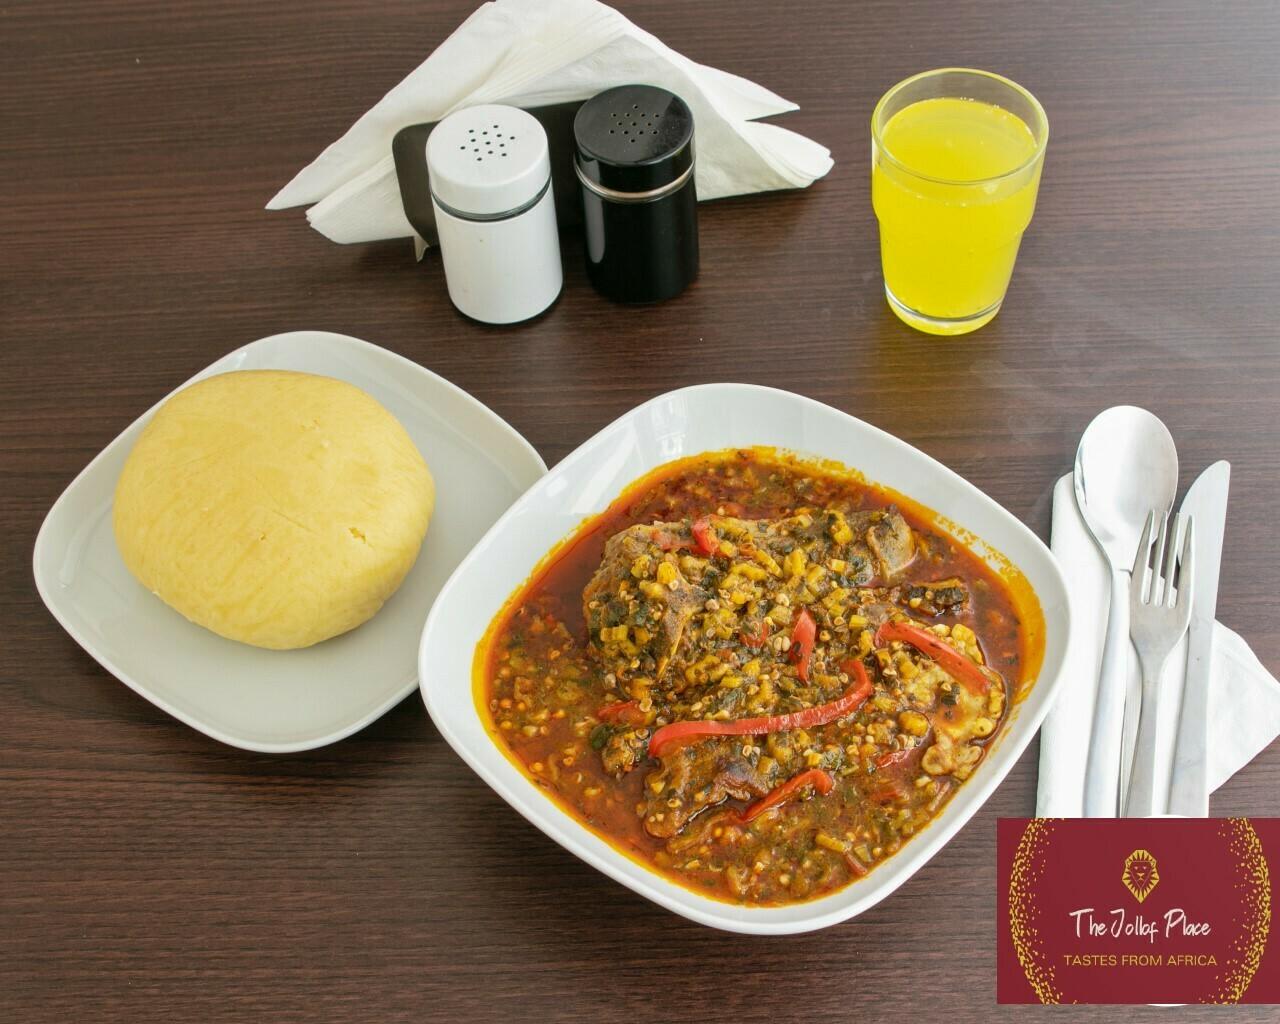 Soep (traditionele Afrikaanse soep)